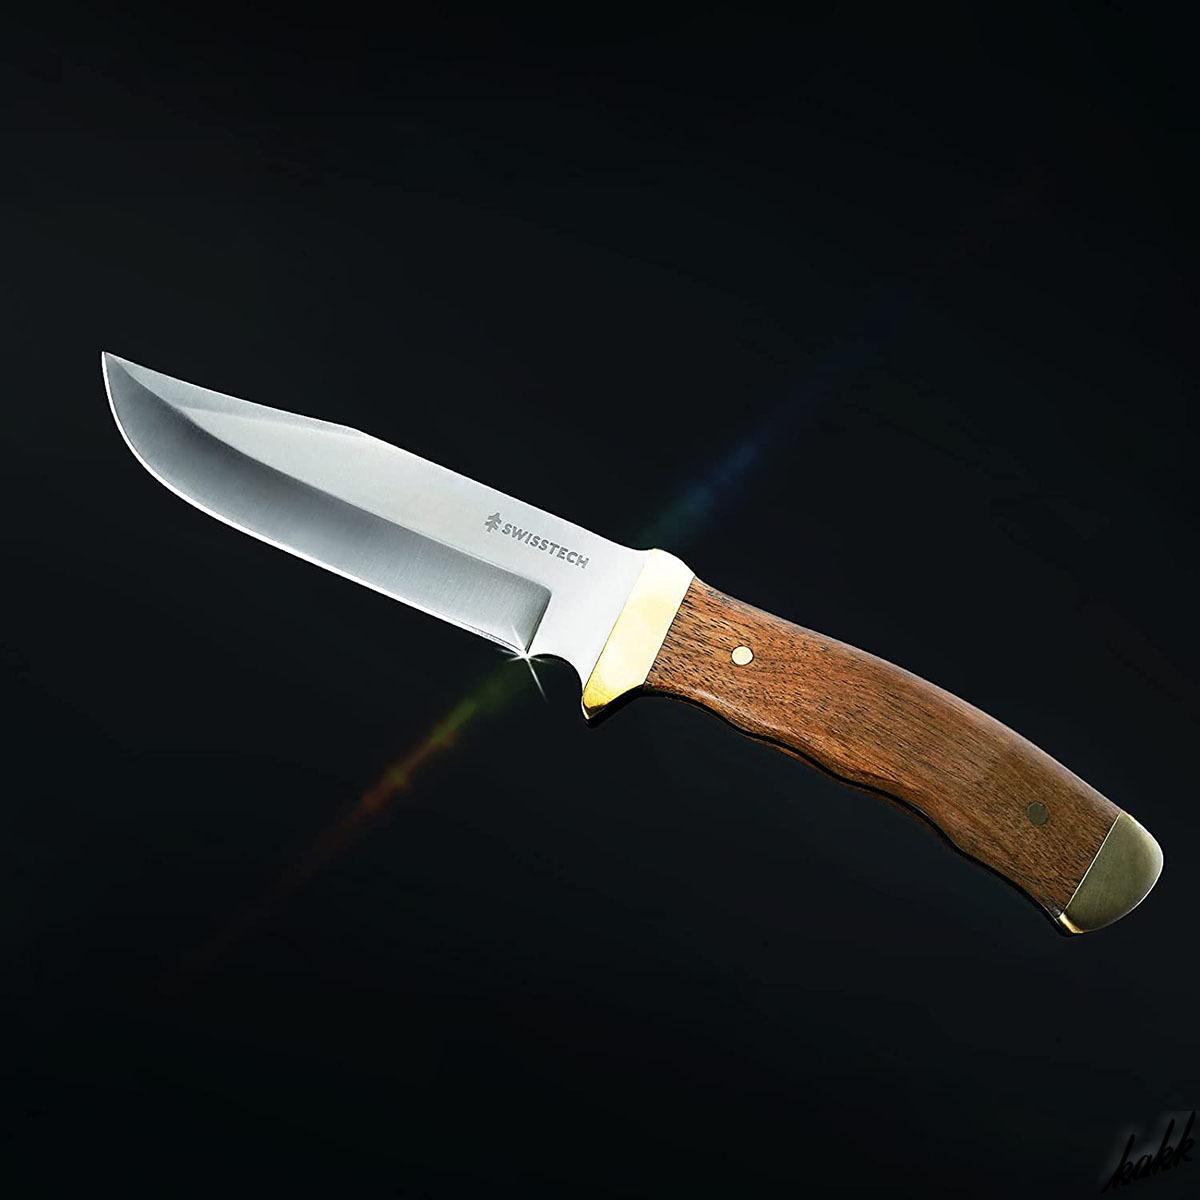 【握りやすいフィンガーレール構造】 シースナイフ 狩猟刀 フルタング構造 天然ウッドハンドル ステンレス鋼 お手入れ簡単 アウトドア